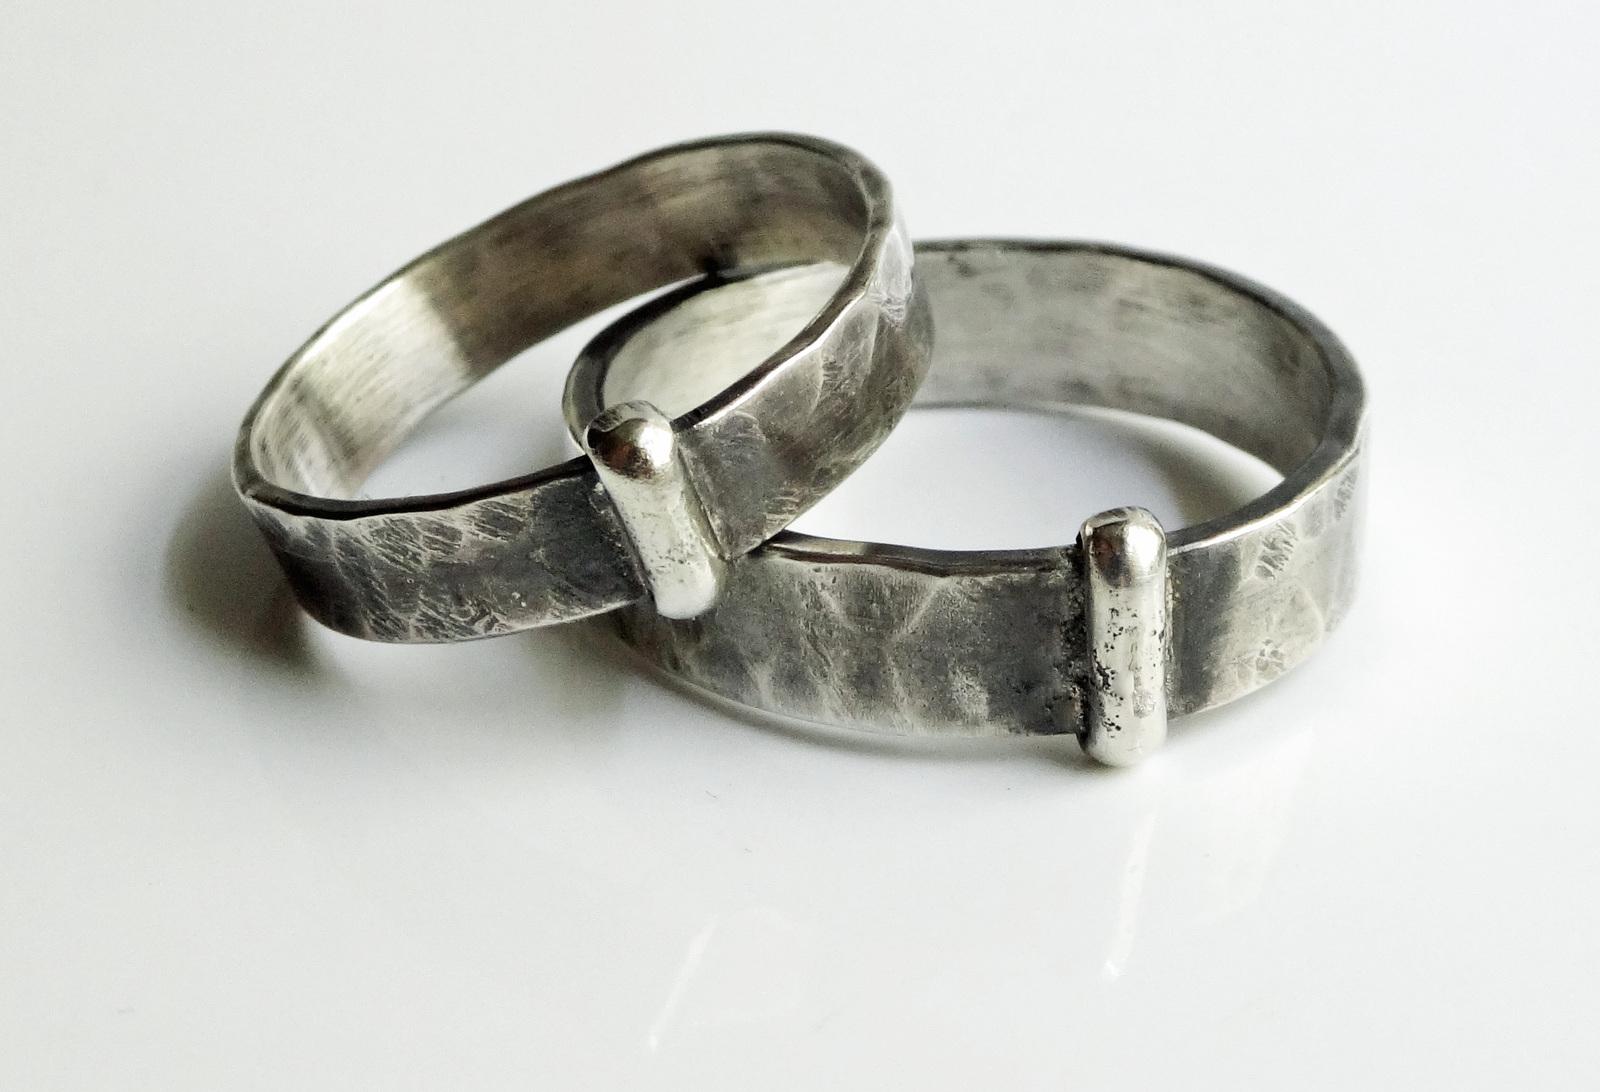 outlander inspired claires wedding band solid sterling. Black Bedroom Furniture Sets. Home Design Ideas